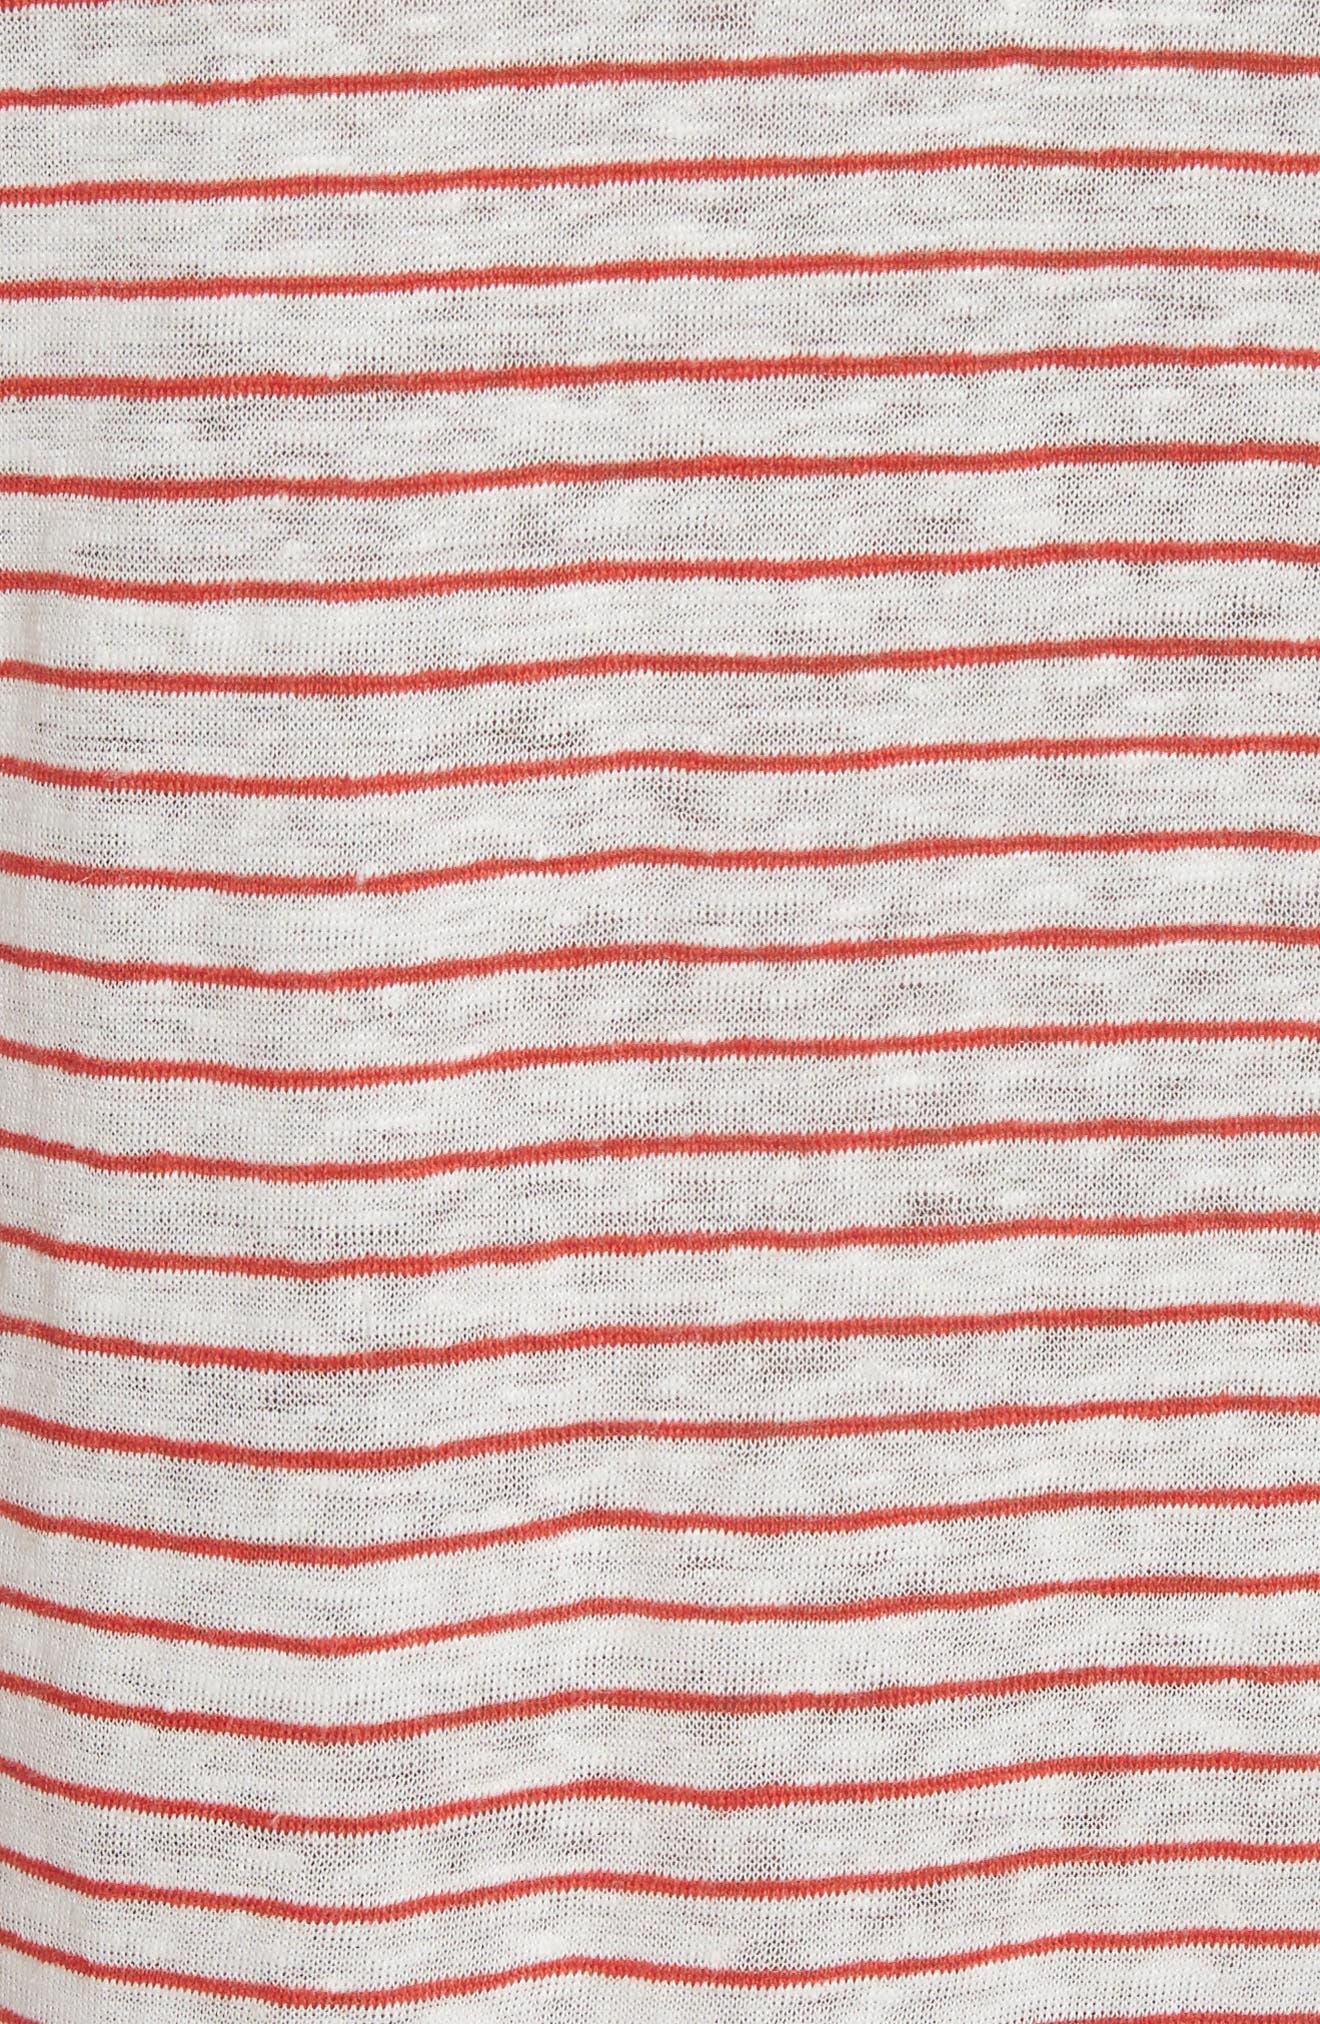 Kade Stripe Linen Tank,                             Alternate thumbnail 5, color,                             Red/ White